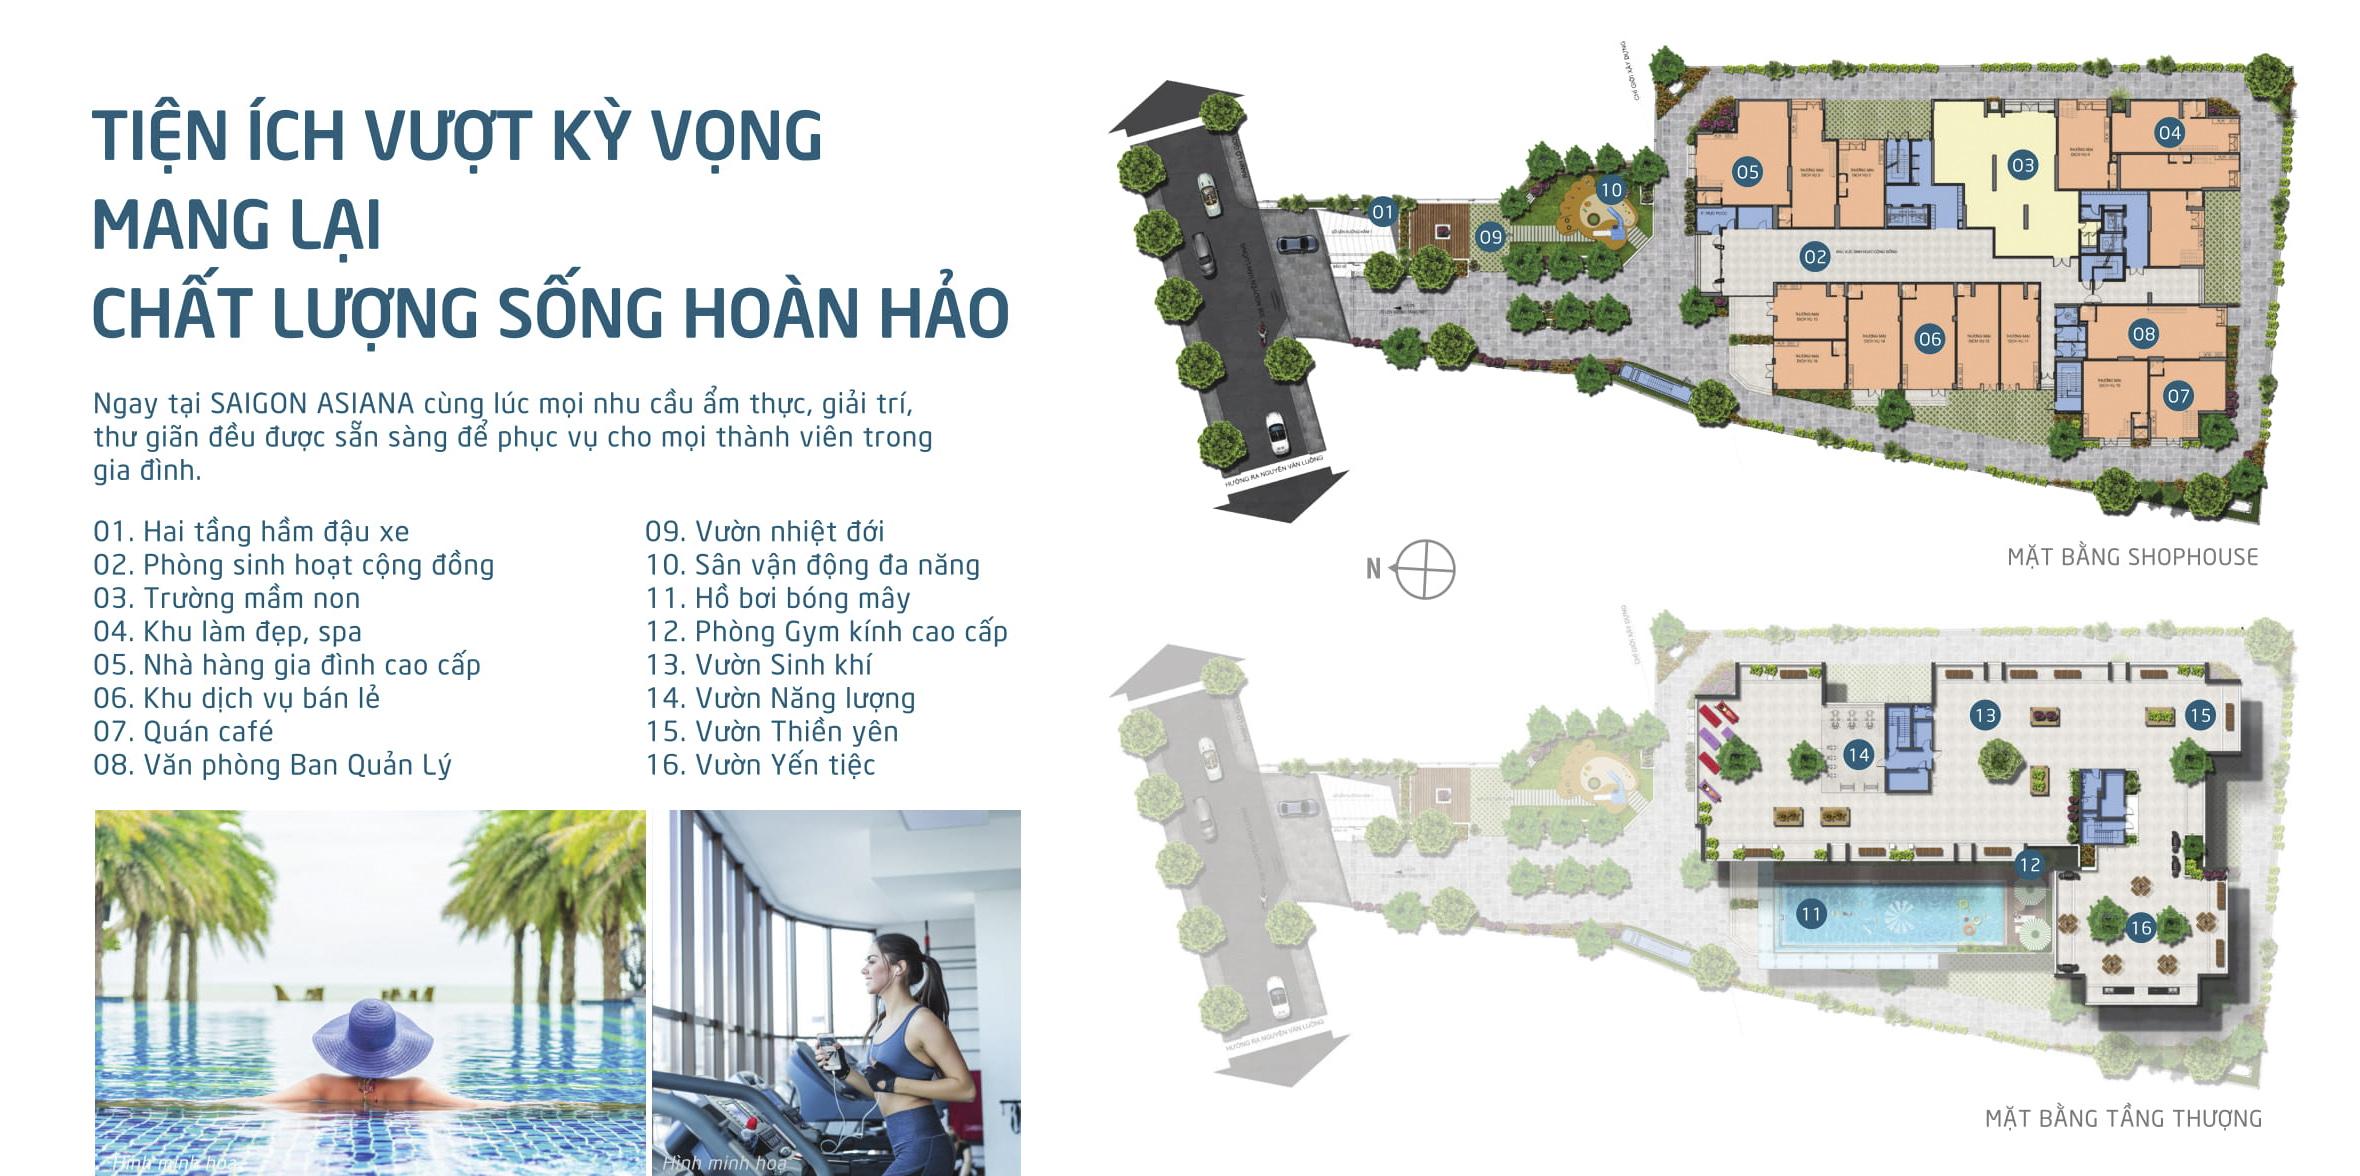 Dự án chung cư Saigon Asiana không gian sống xanh hòa hợp với thiên nhiên